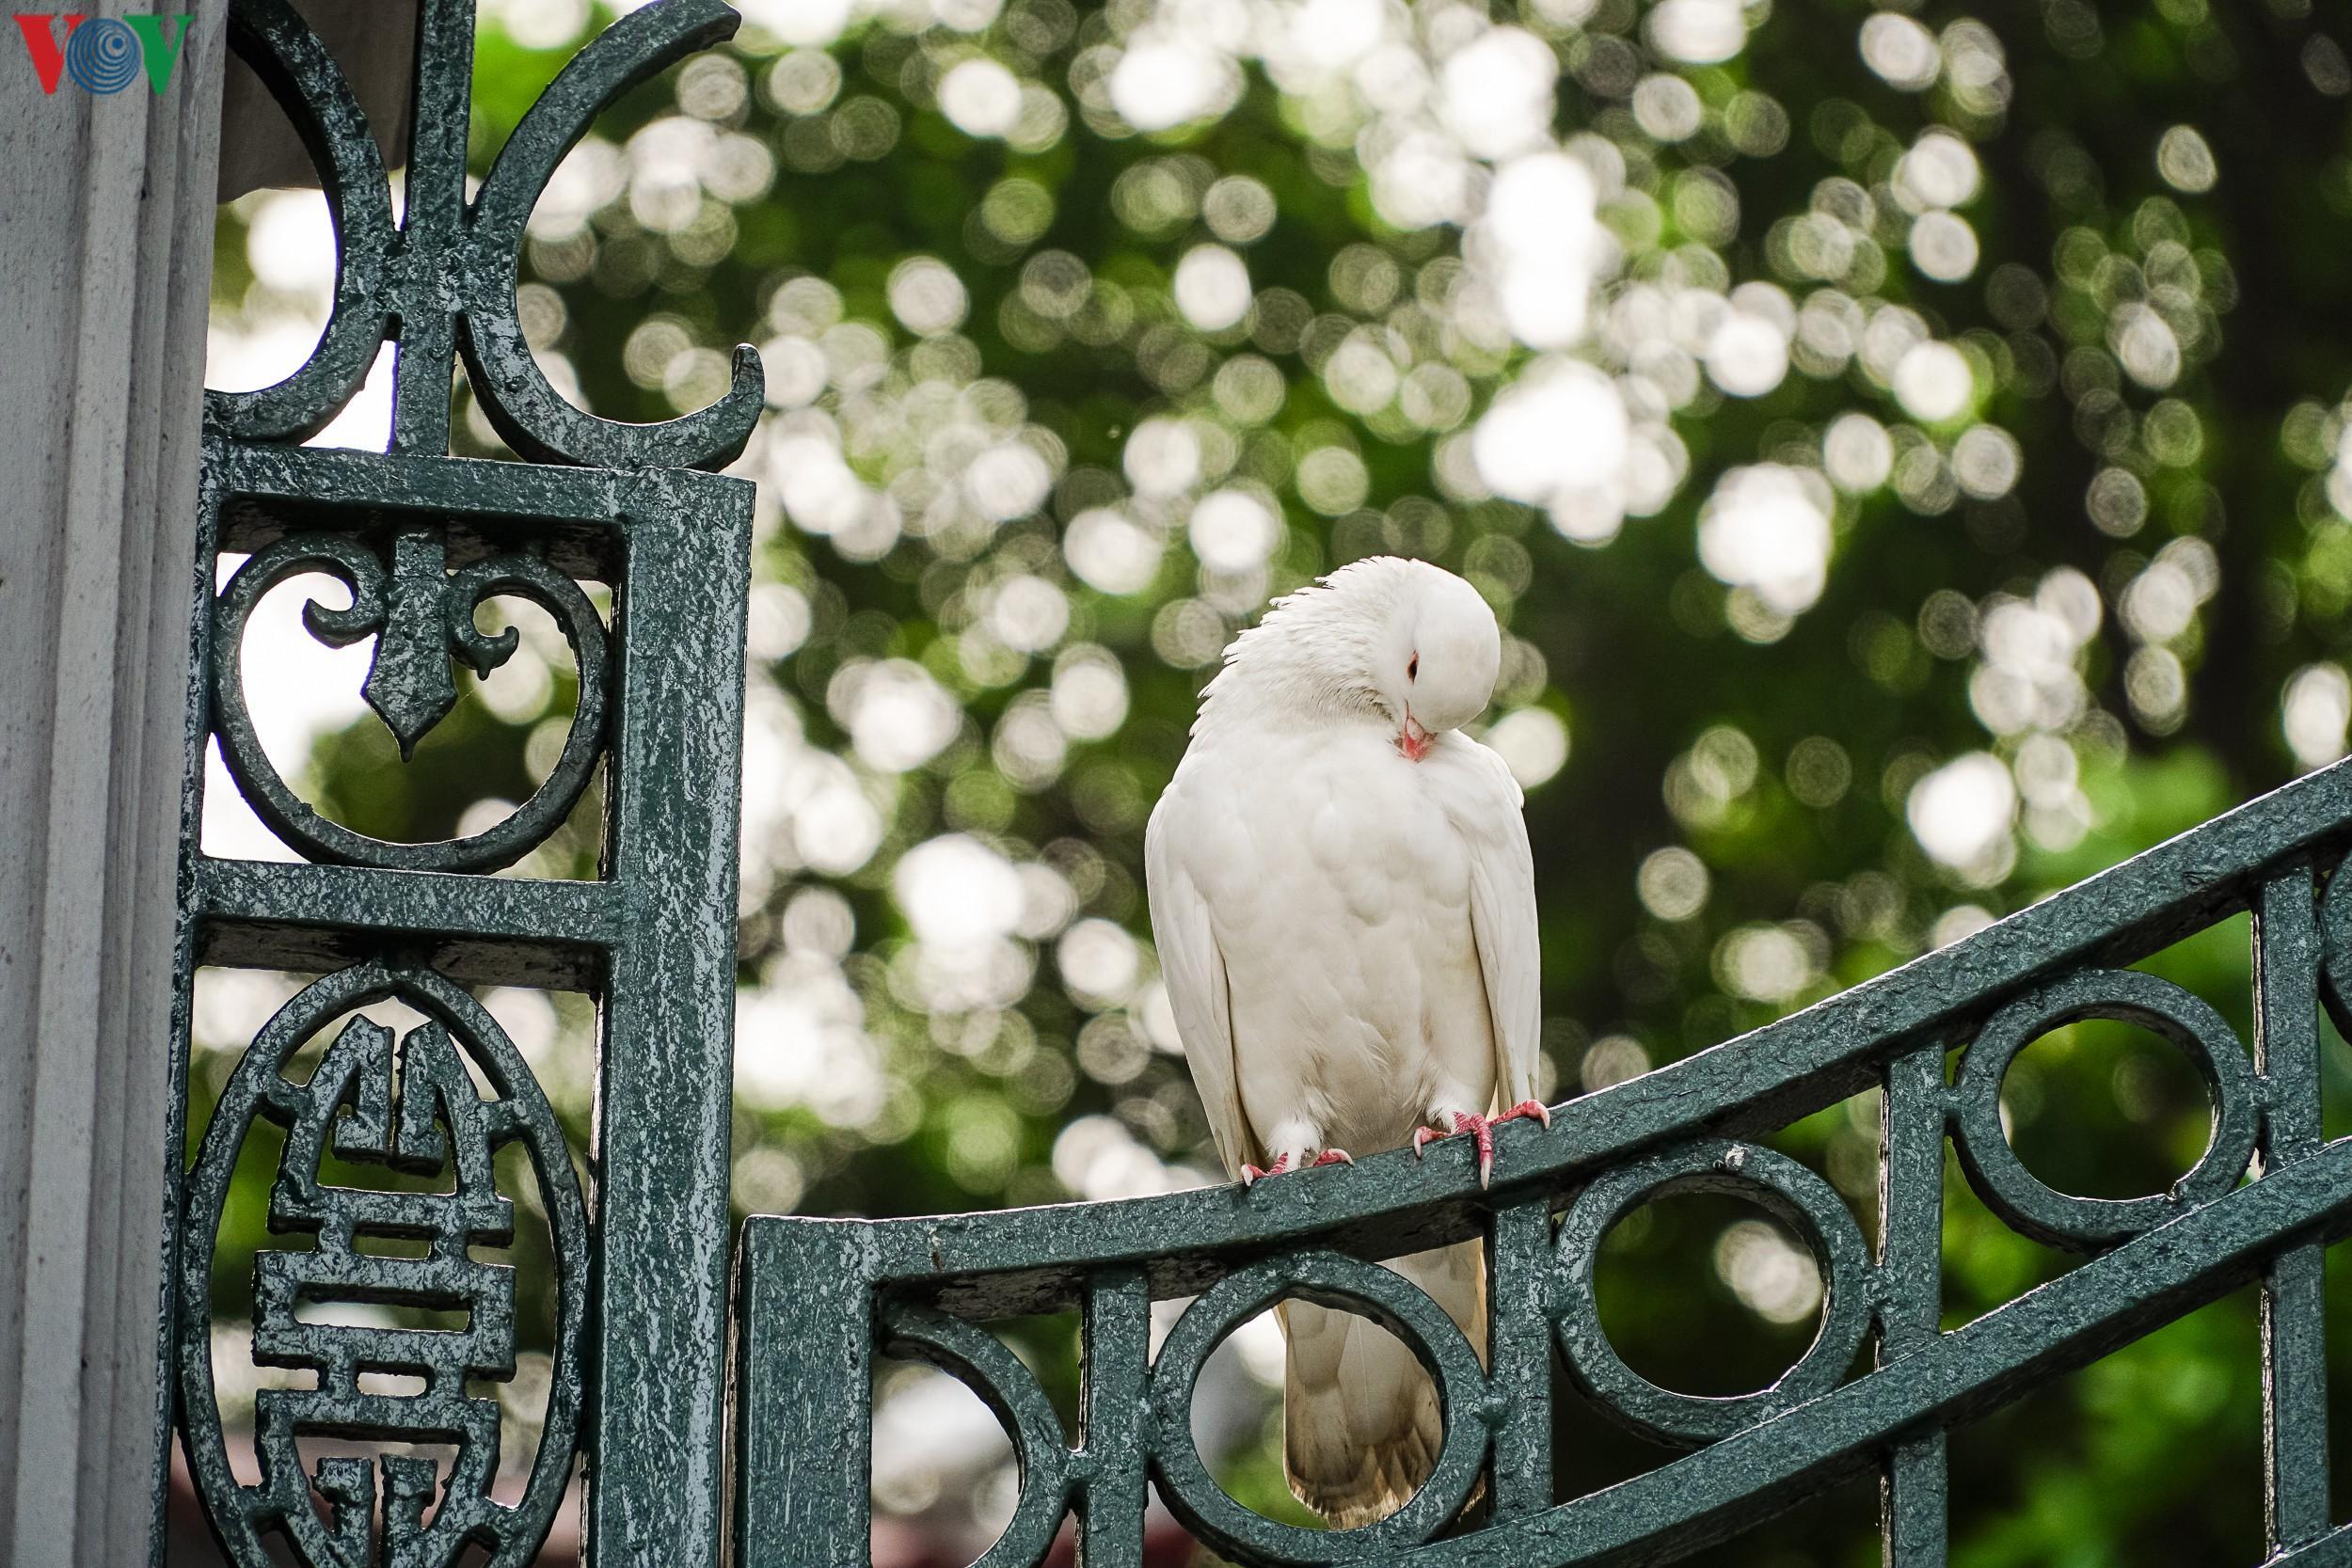 Ngắm đàn chim bồ câu bên hồ Hoàn Kiếm Ảnh 6